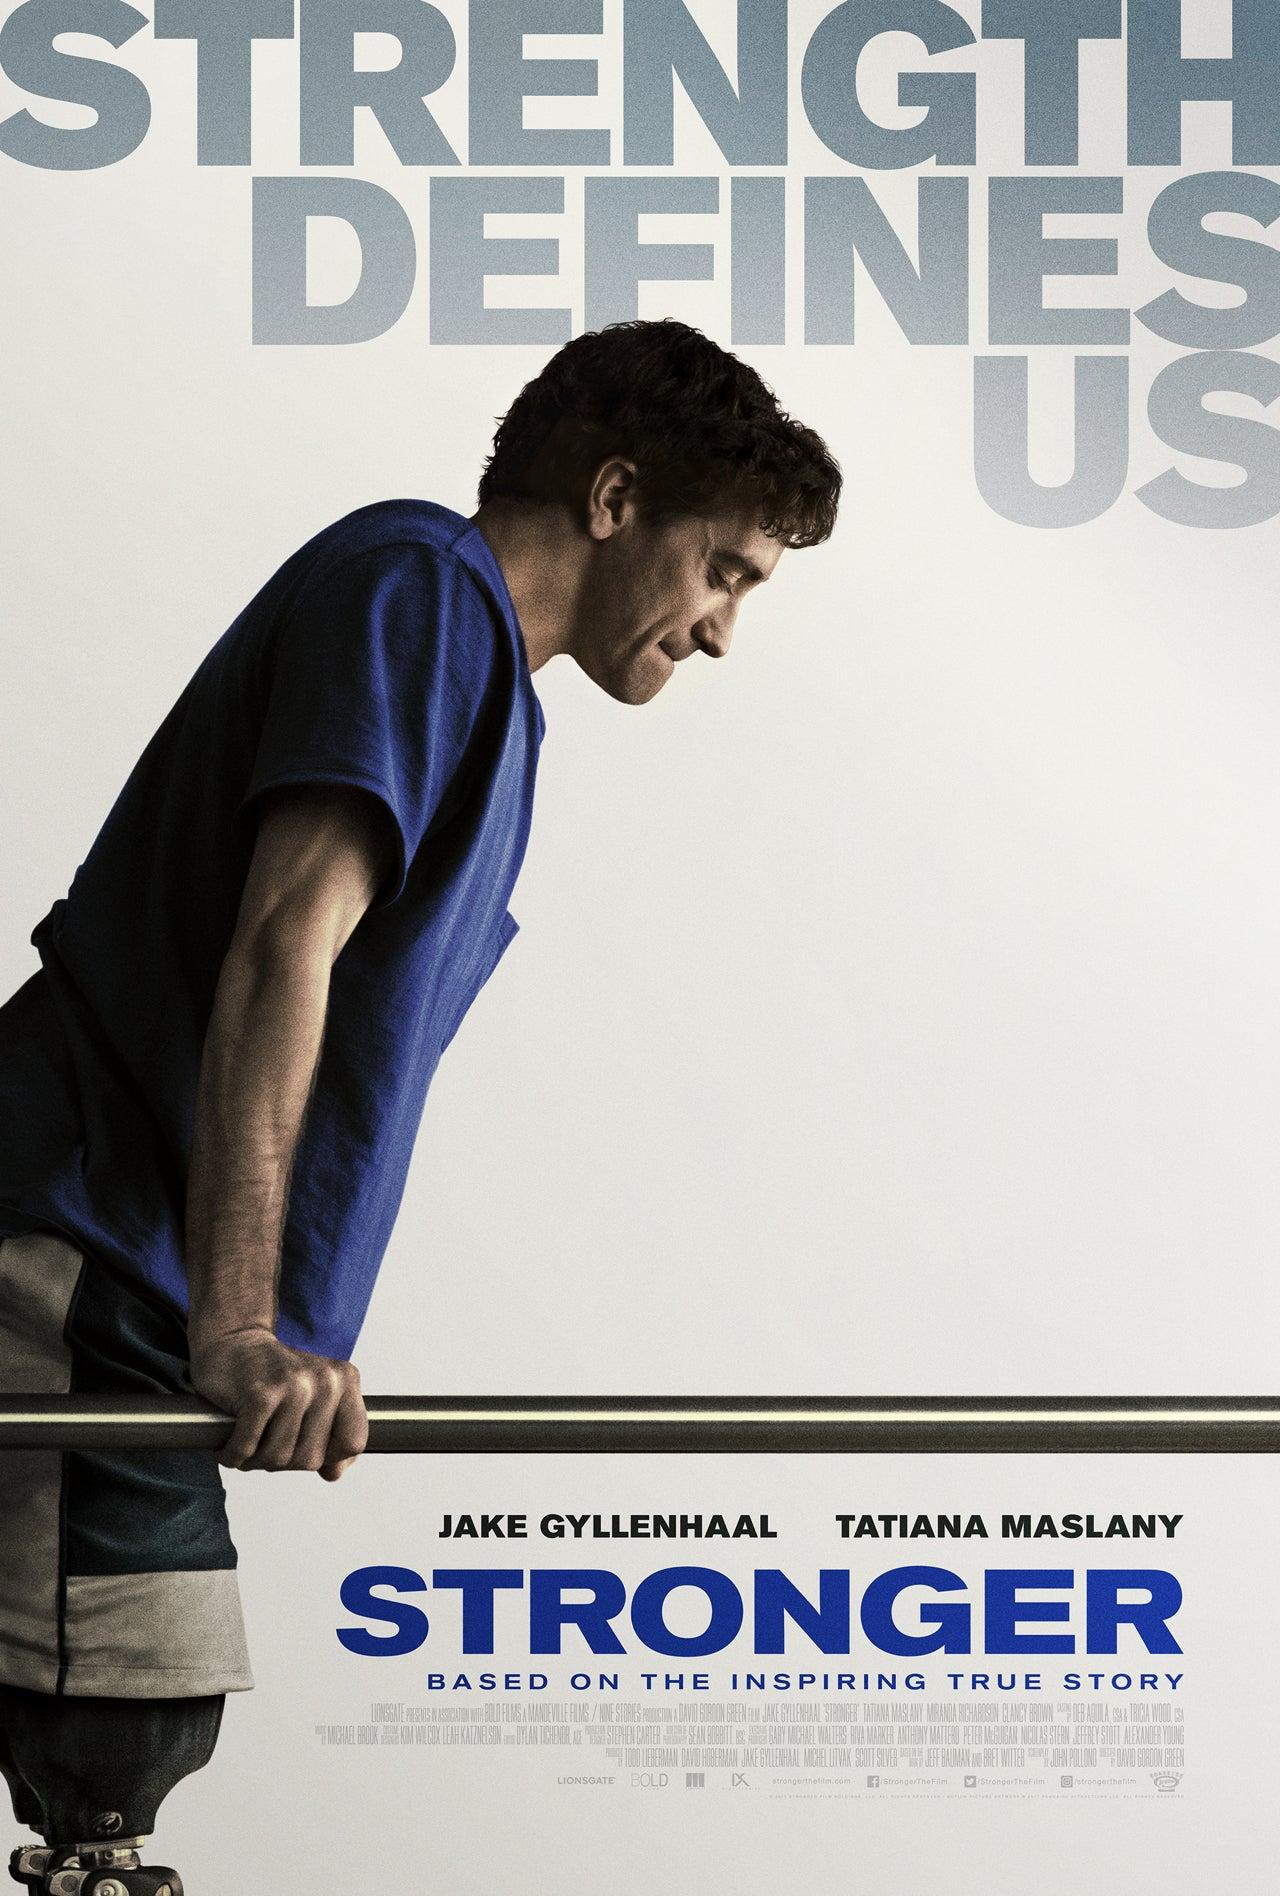 http://www.etonline.com/sites/default/files/images/2017-07/1280_stronger_poster_jake_gyllenhaal.jpg